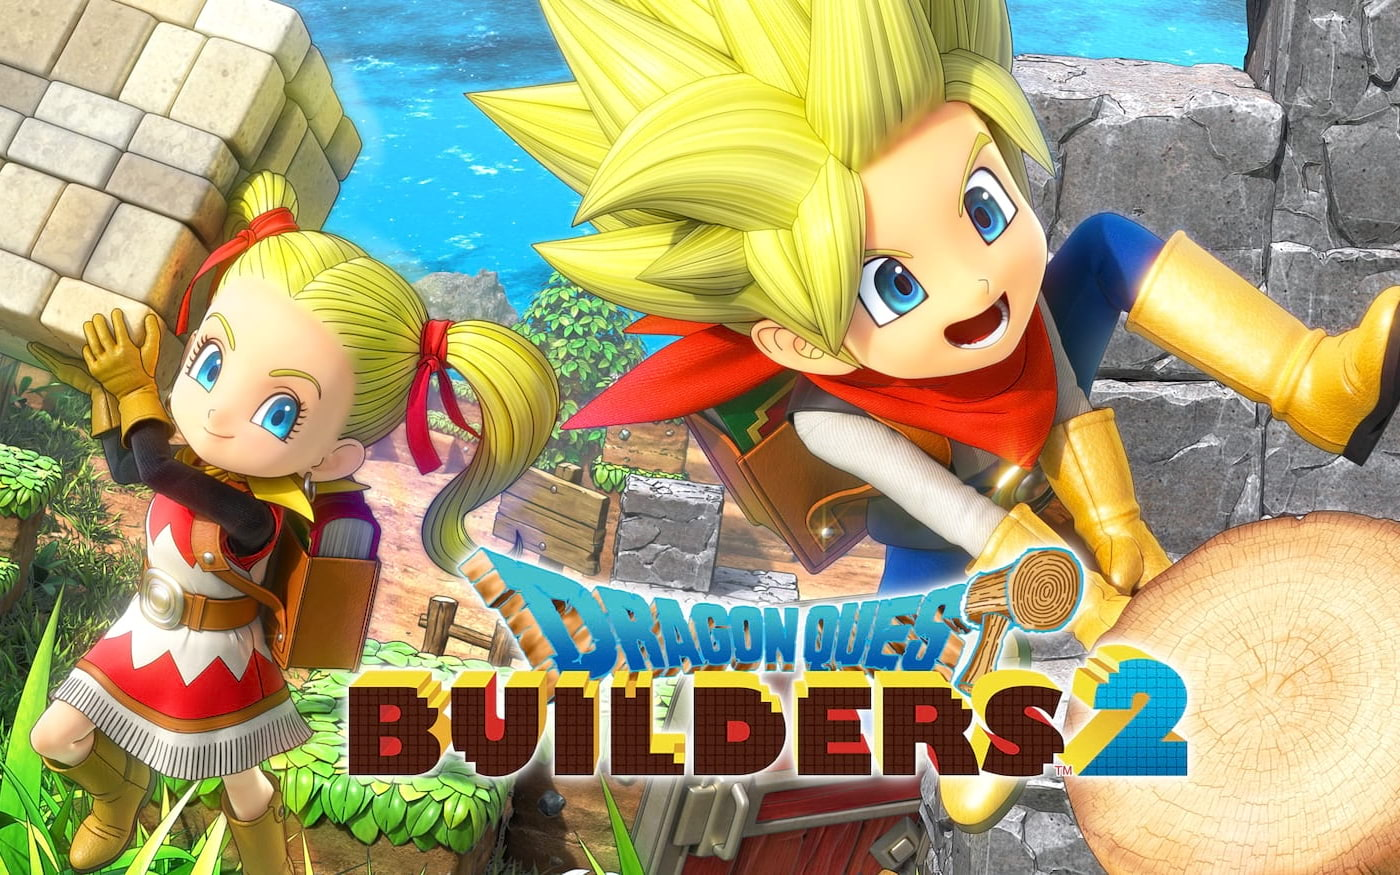 Dragon Quest Builders 2 e God Eater 3 são dois dos lançamentos dessa semana